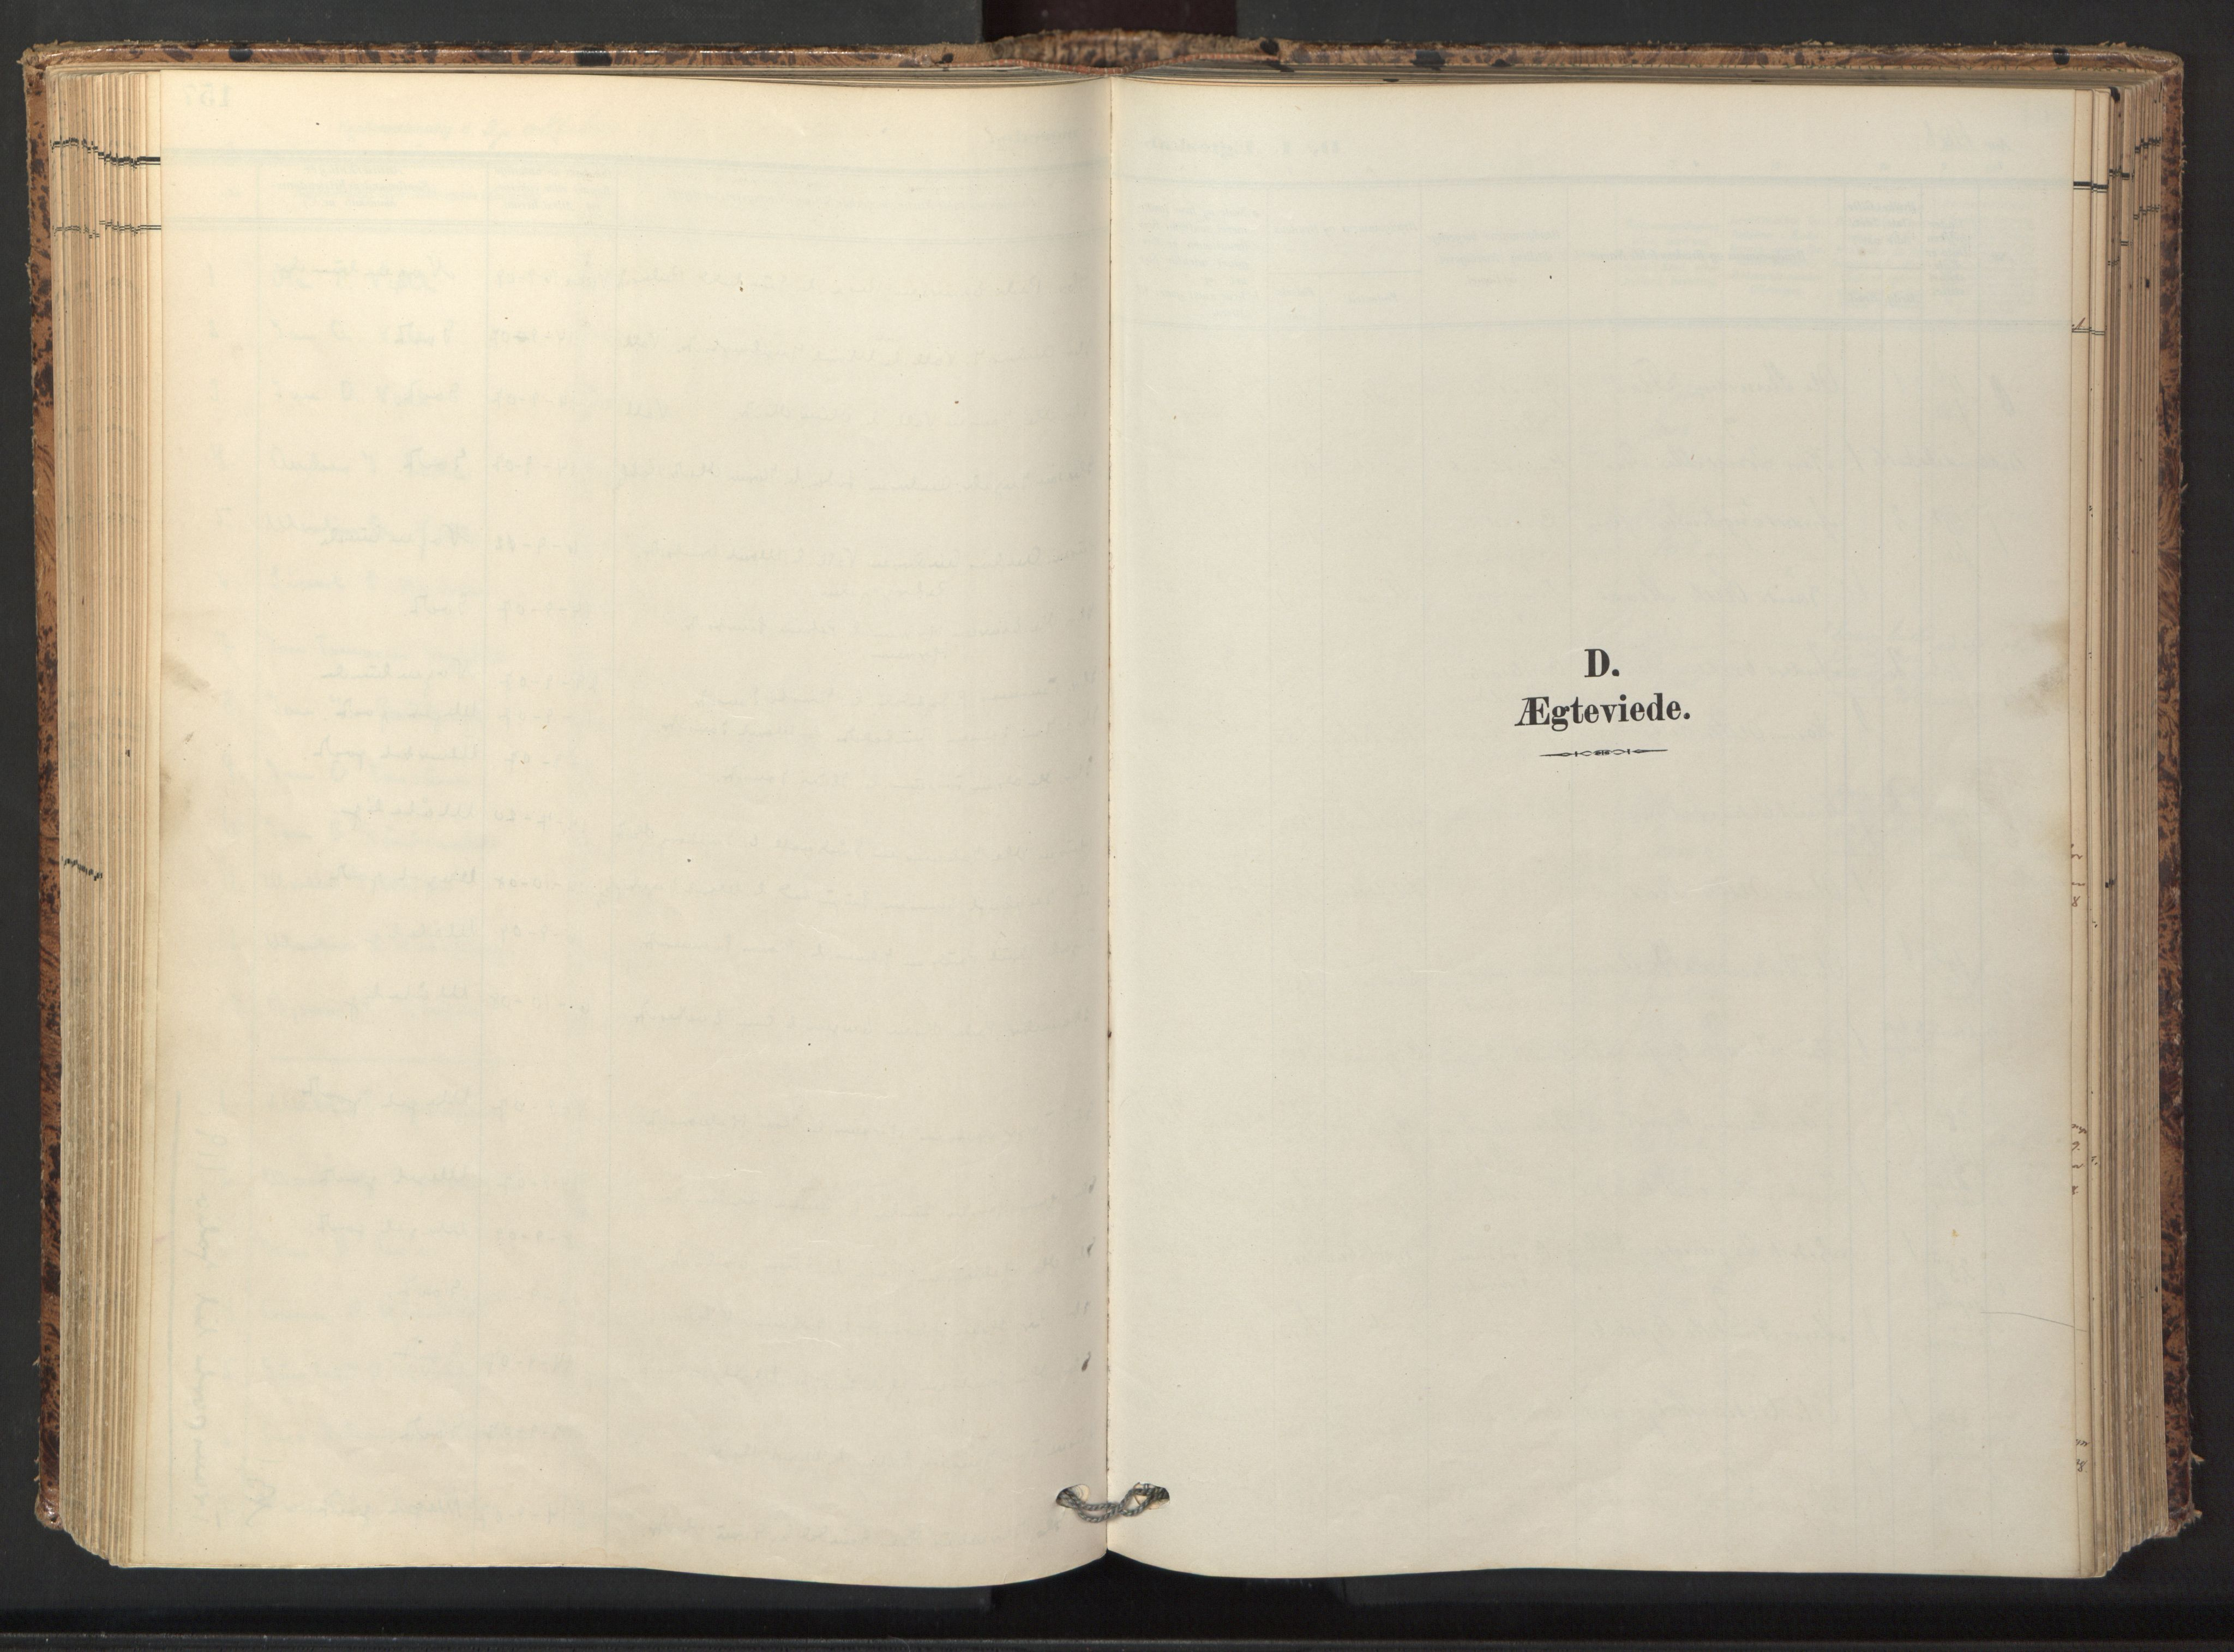 SAT, Ministerialprotokoller, klokkerbøker og fødselsregistre - Sør-Trøndelag, 674/L0873: Ministerialbok nr. 674A05, 1908-1923